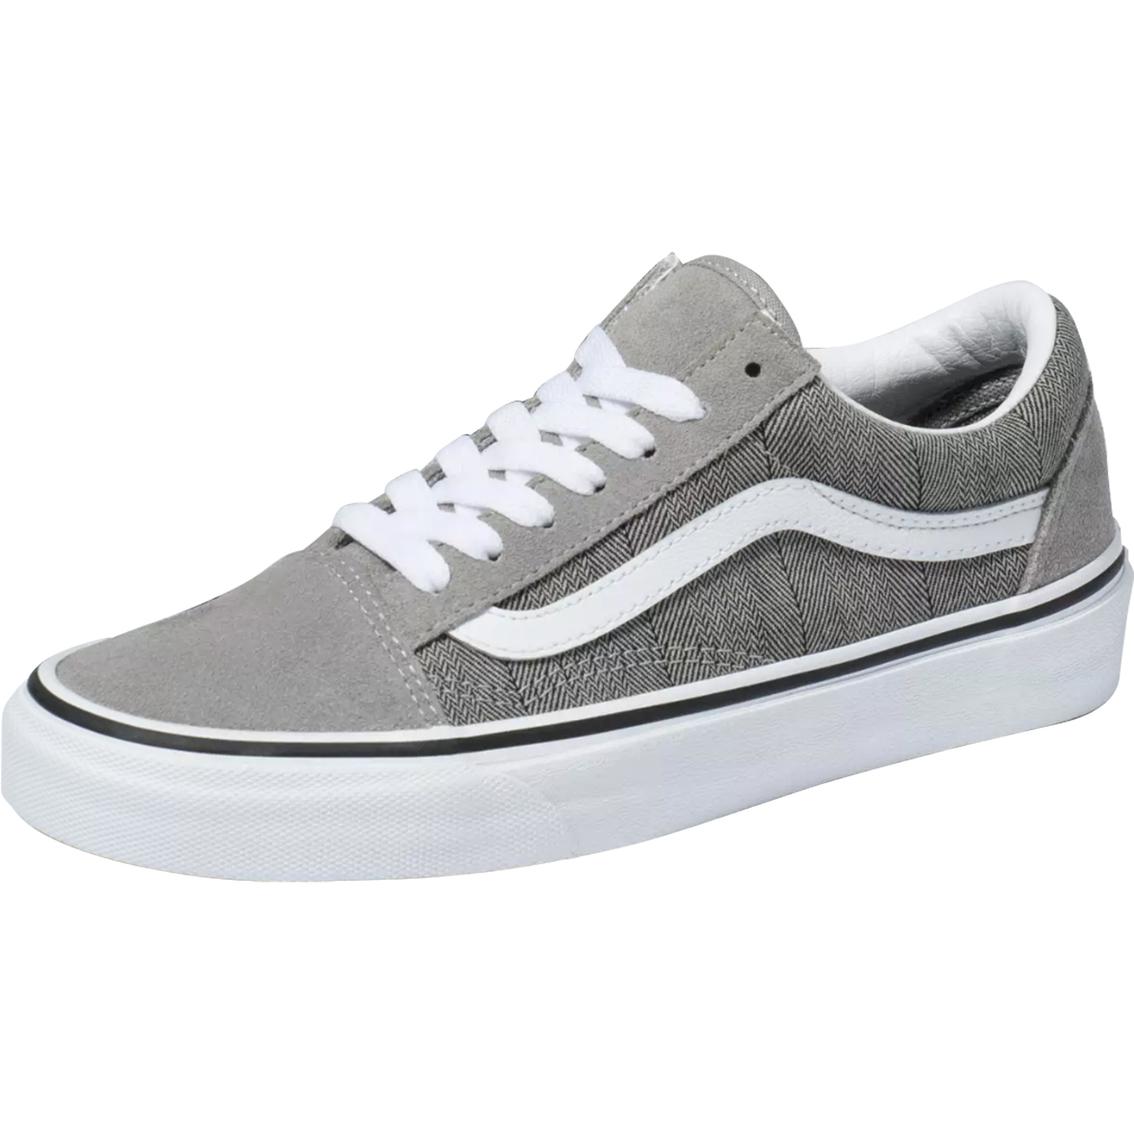 Vans Women's Old Skool Shoes Herringbone Gray